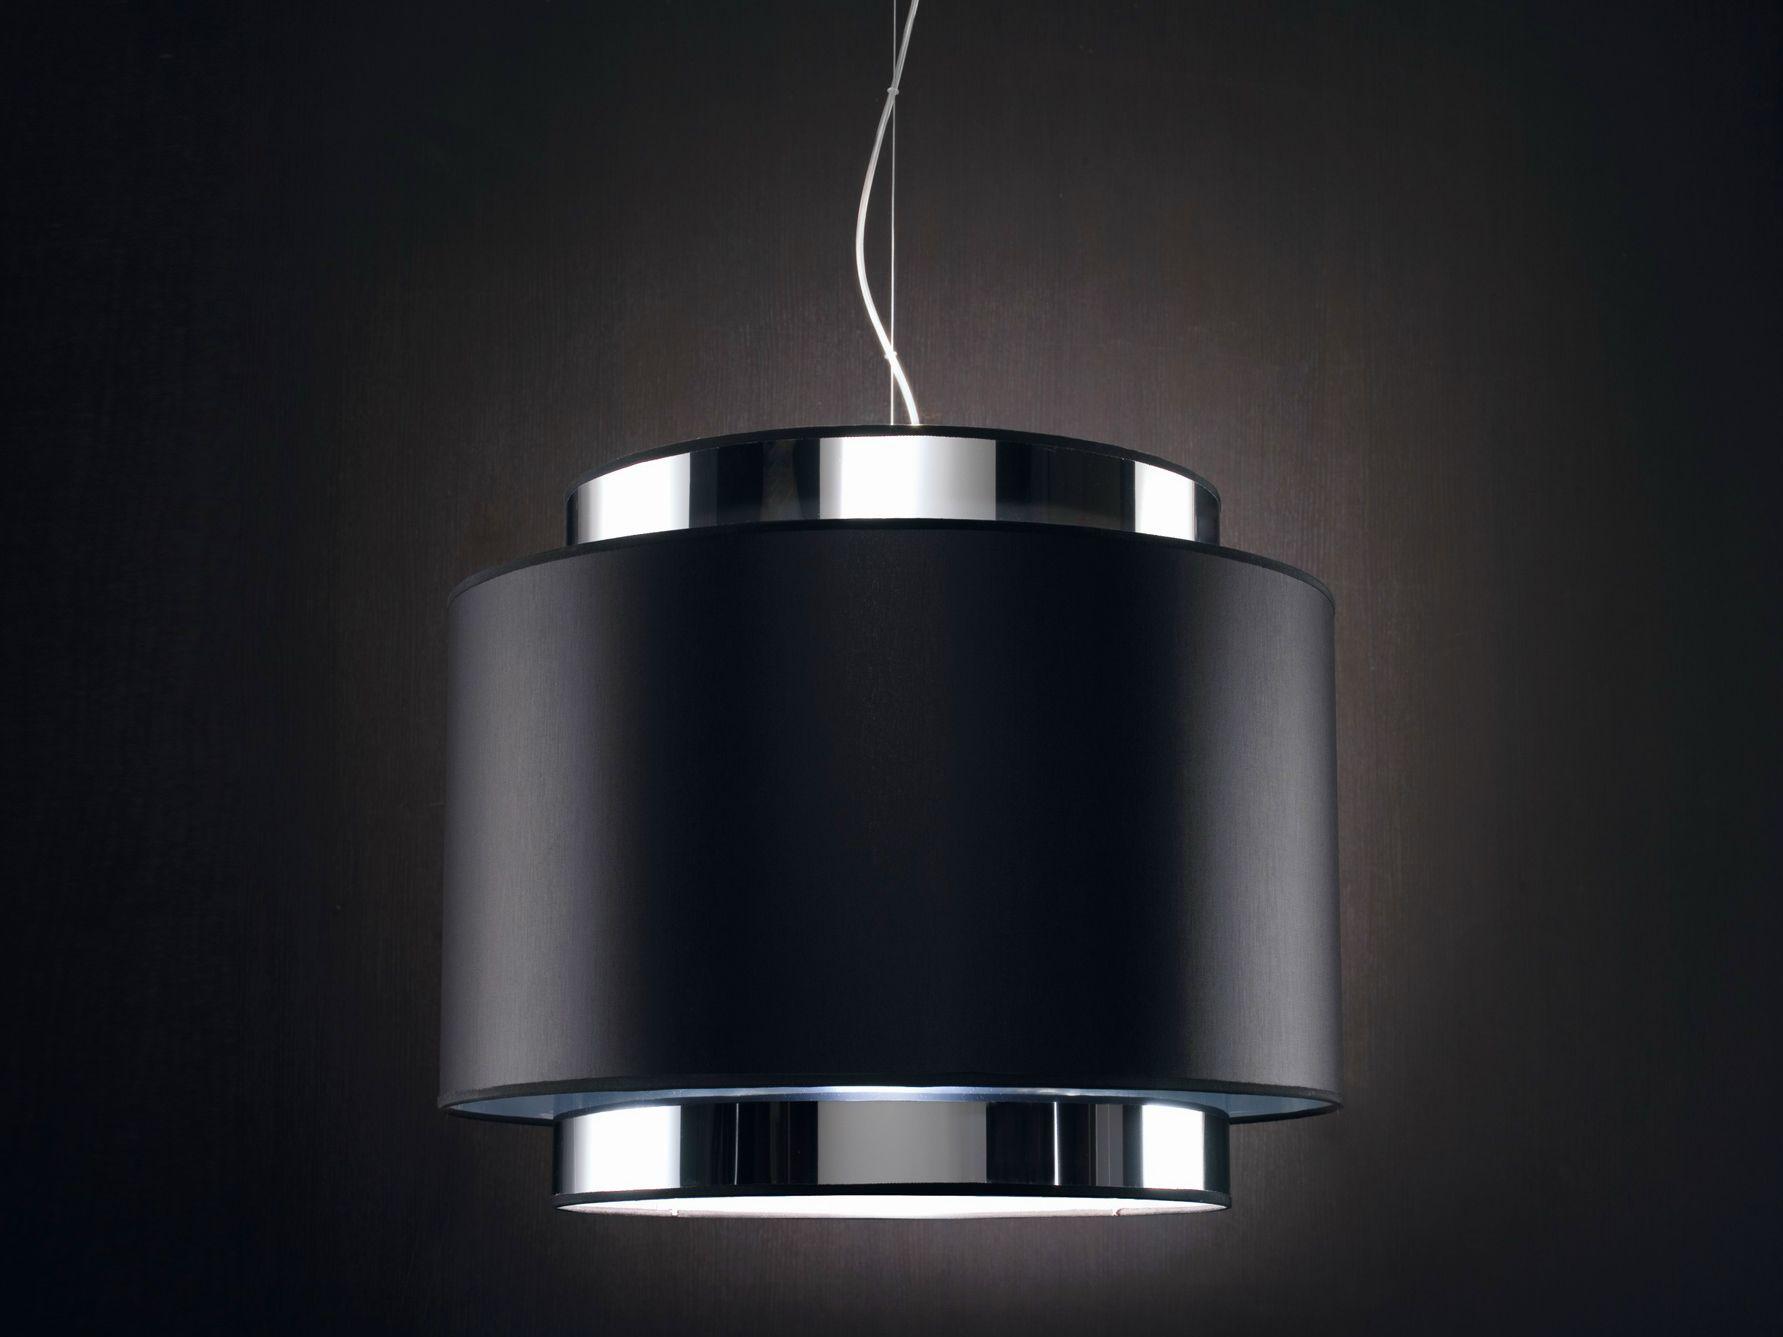 lampade cilindriche - Google Search